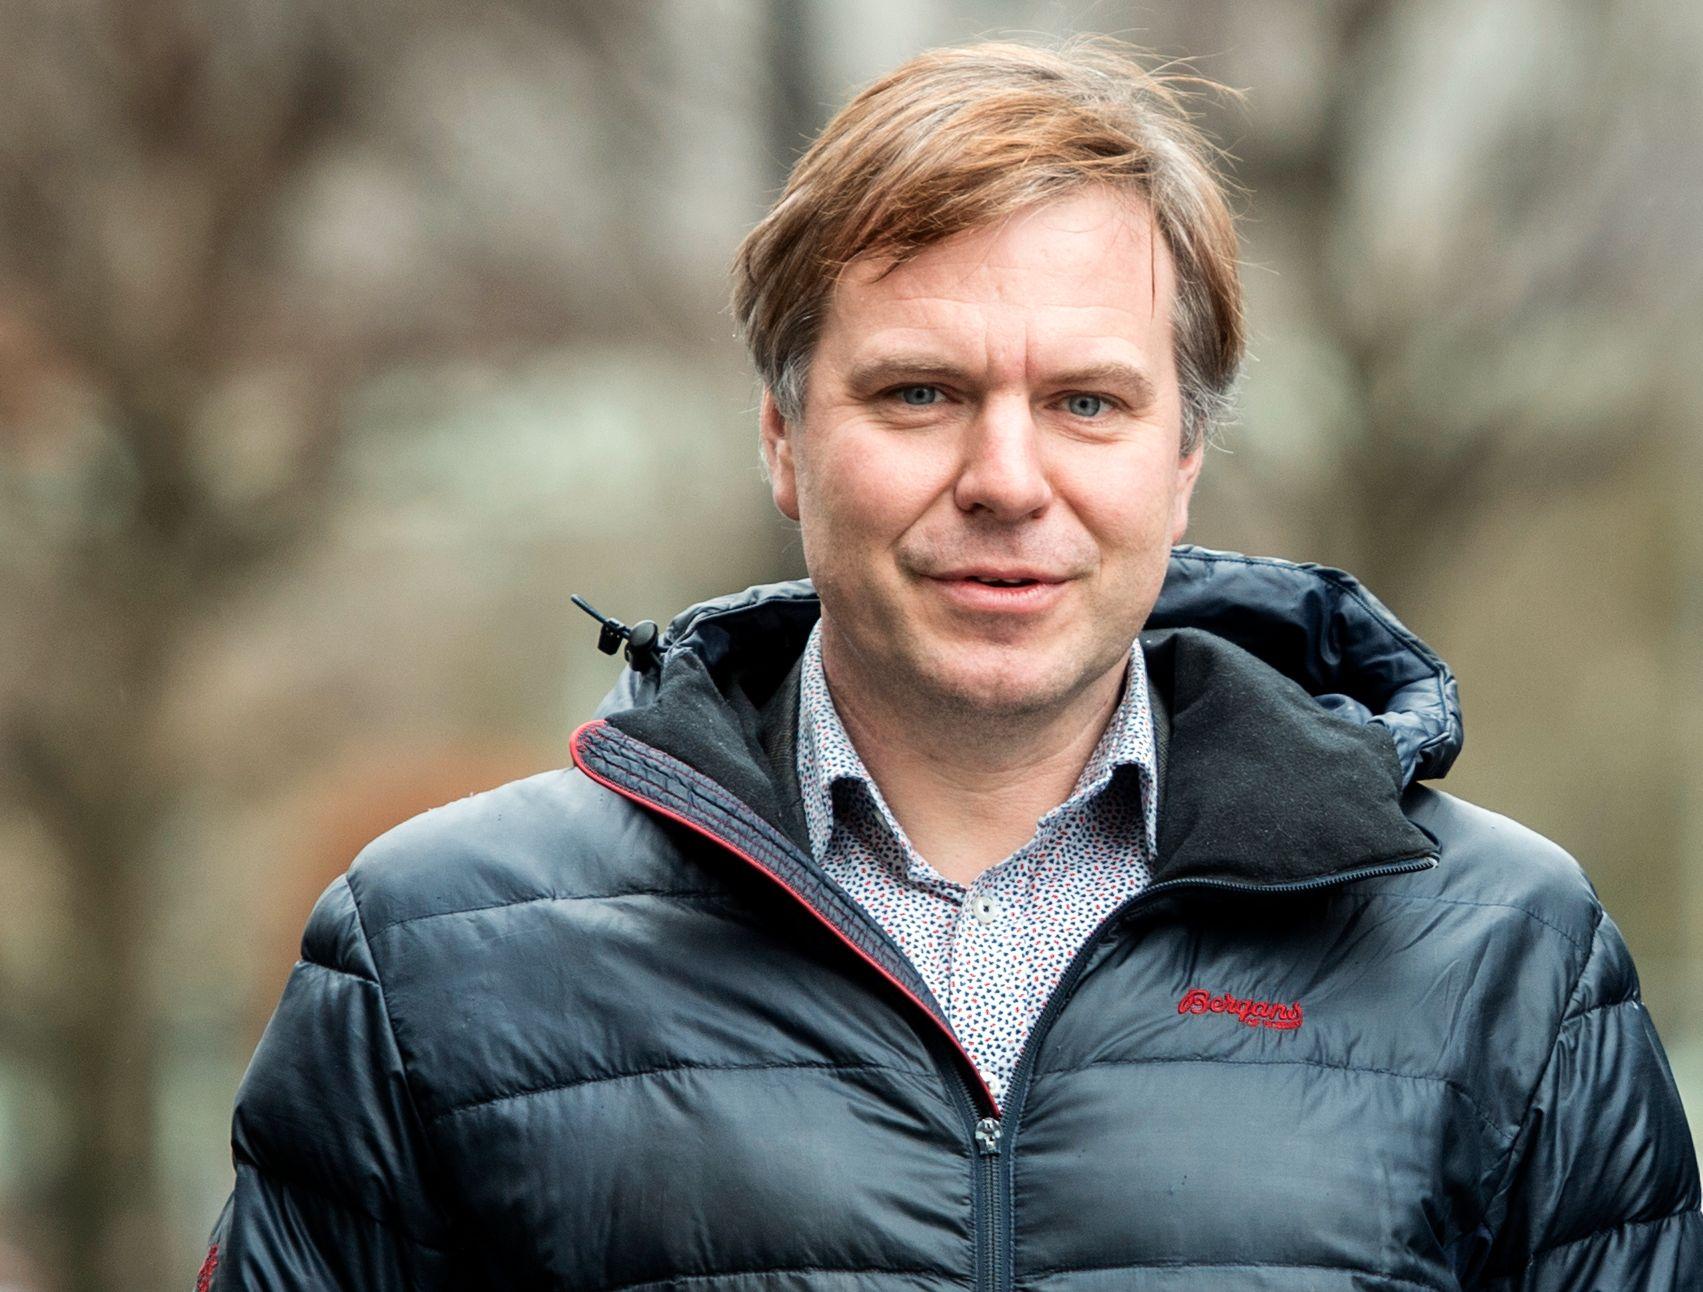 FEILSPOR: Høgre-toppane i nye Vestland er på alvorleg feilspor når dei trur meir oljeboring i våre mest sårbare havområde er vegen mot framtida, skriv Alfred Bjørlo (V).